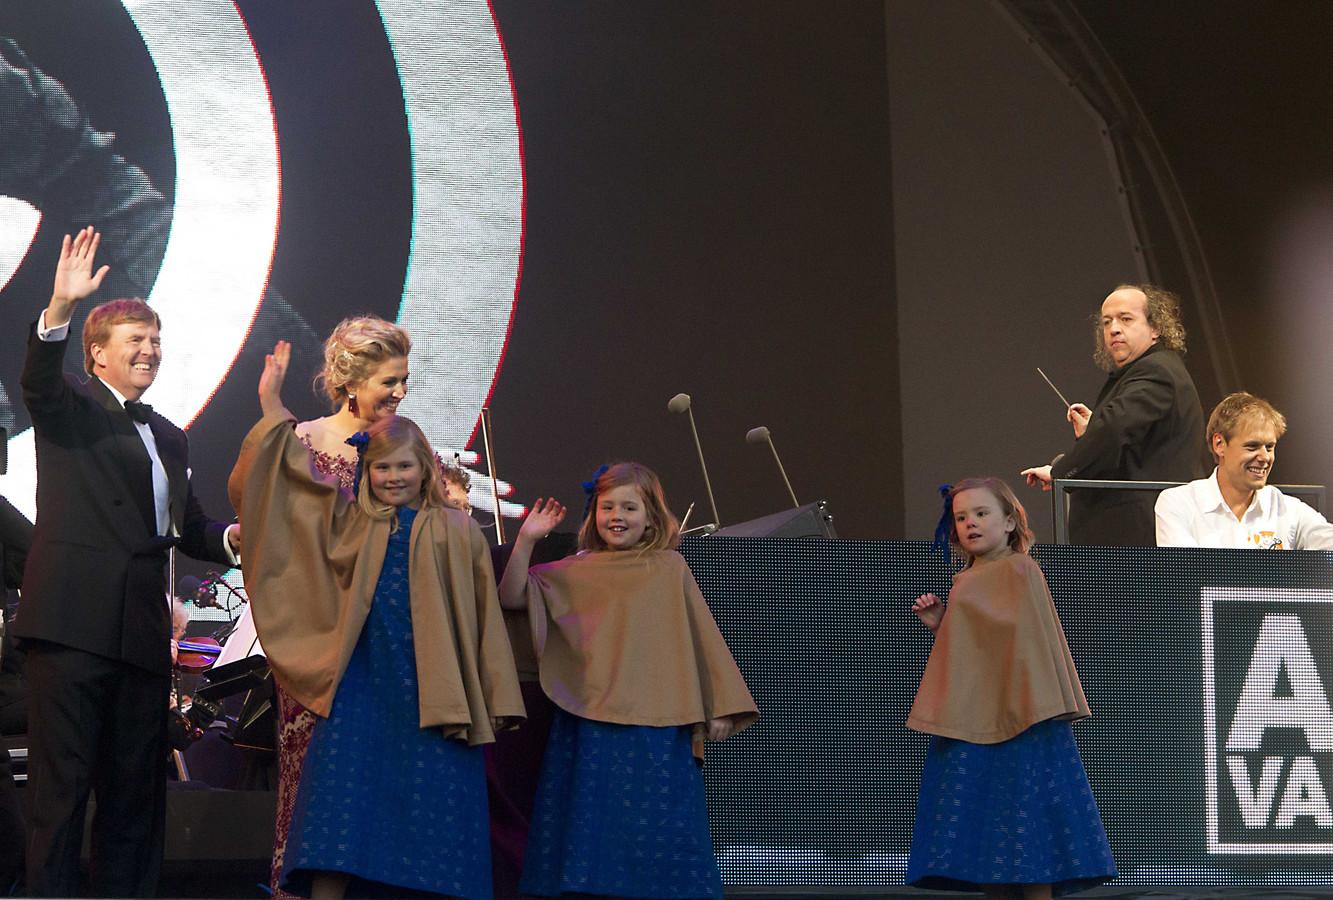 De koninklijke familie op het podium bij Armin van Buuren.